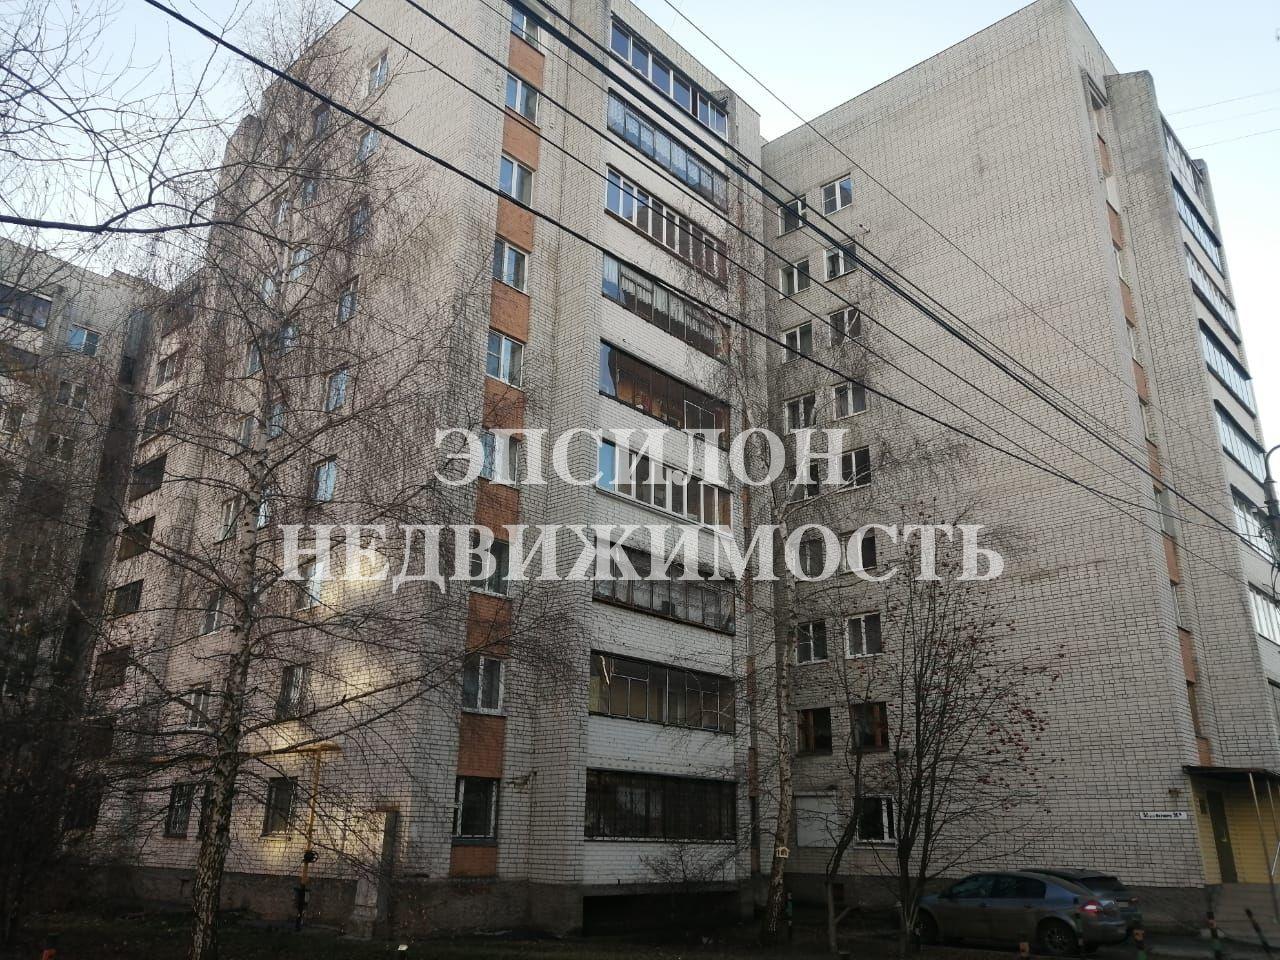 Продам 2-комнатную квартиру в городе Курск, на улице 50 лет Октября, 96б, 6-этаж 9-этажного Кирпич дома, площадь: 56/30/11 м2